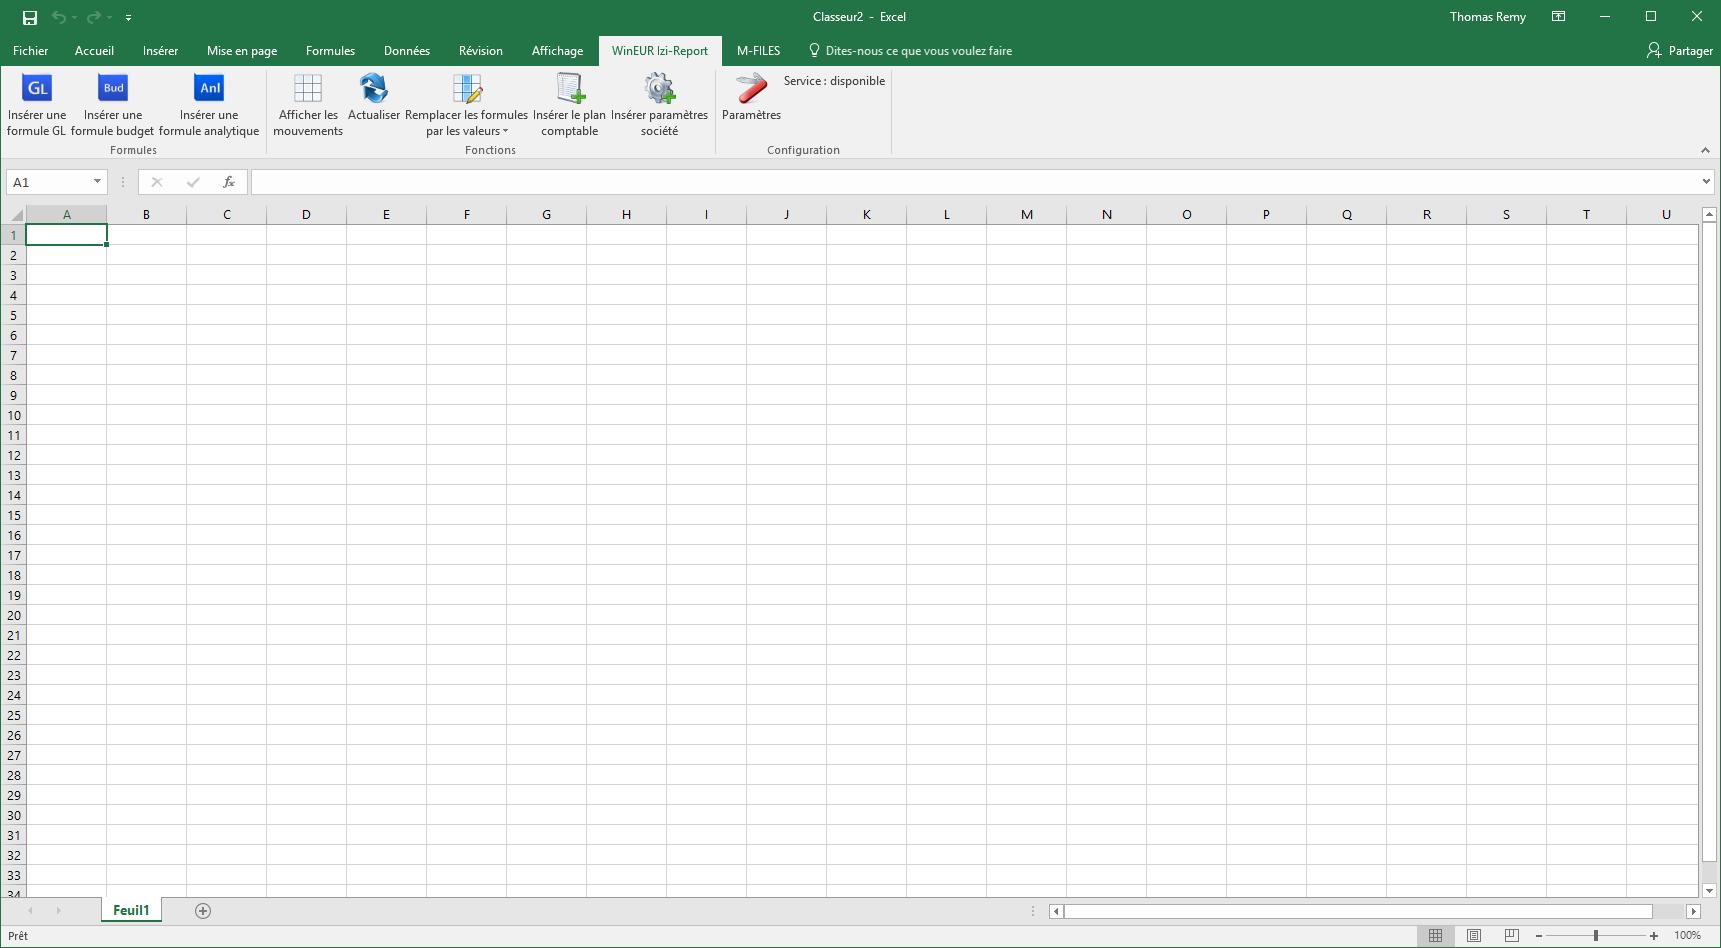 WinEUR IZI-REPORT sous Excel